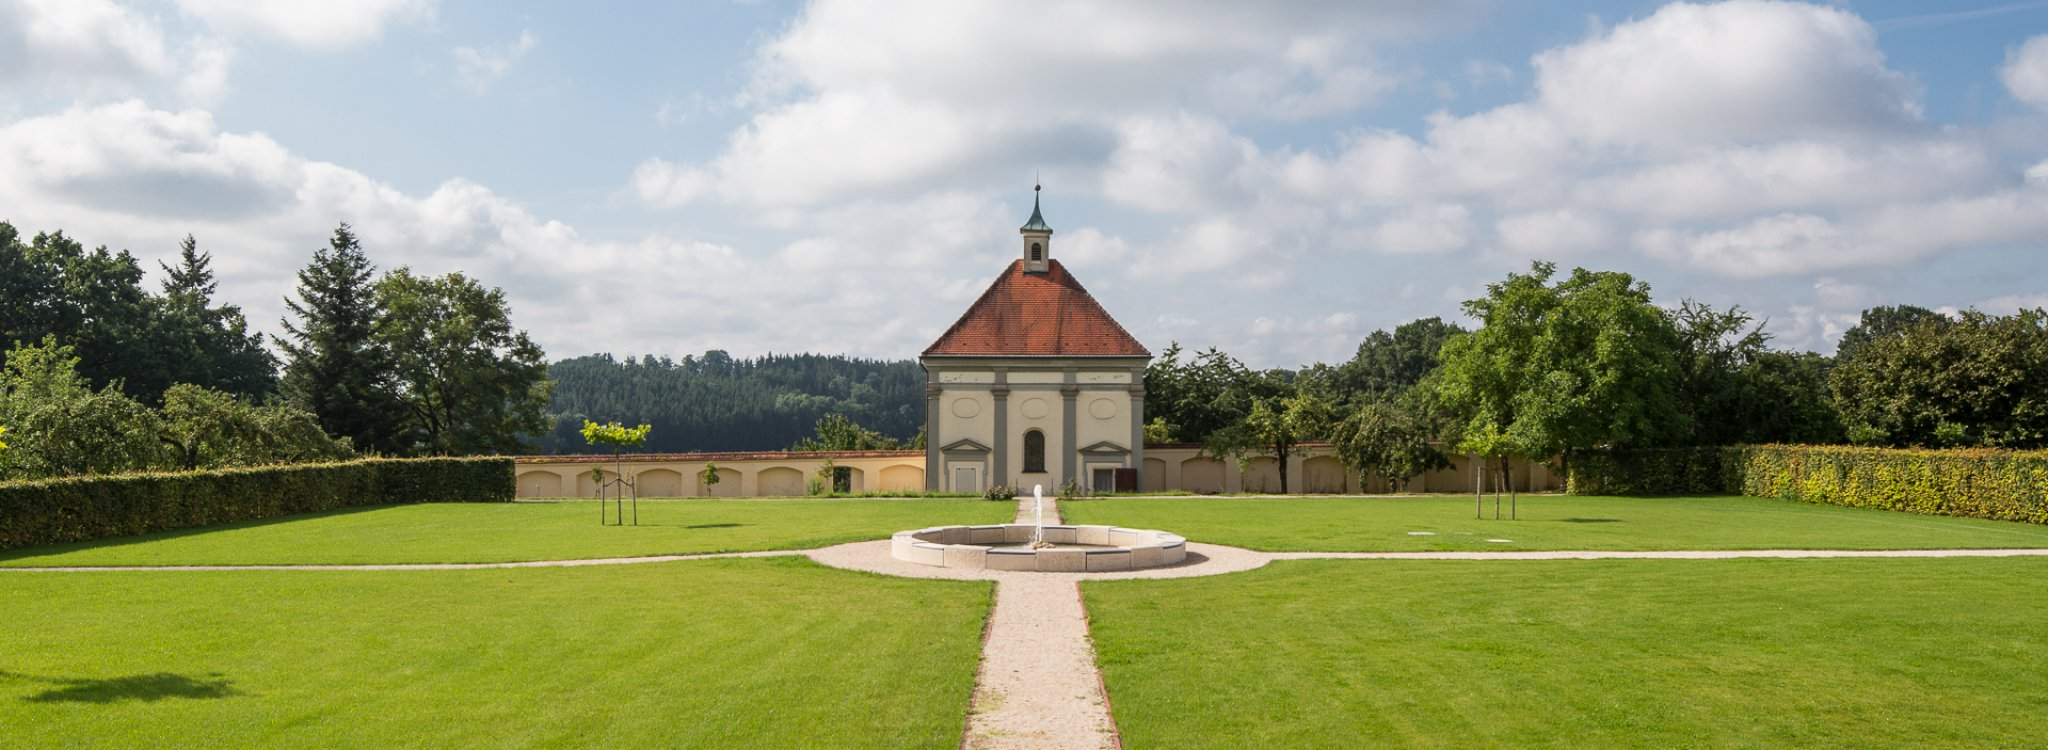 Kloster Holzen – Zwischen Himmel & Erde